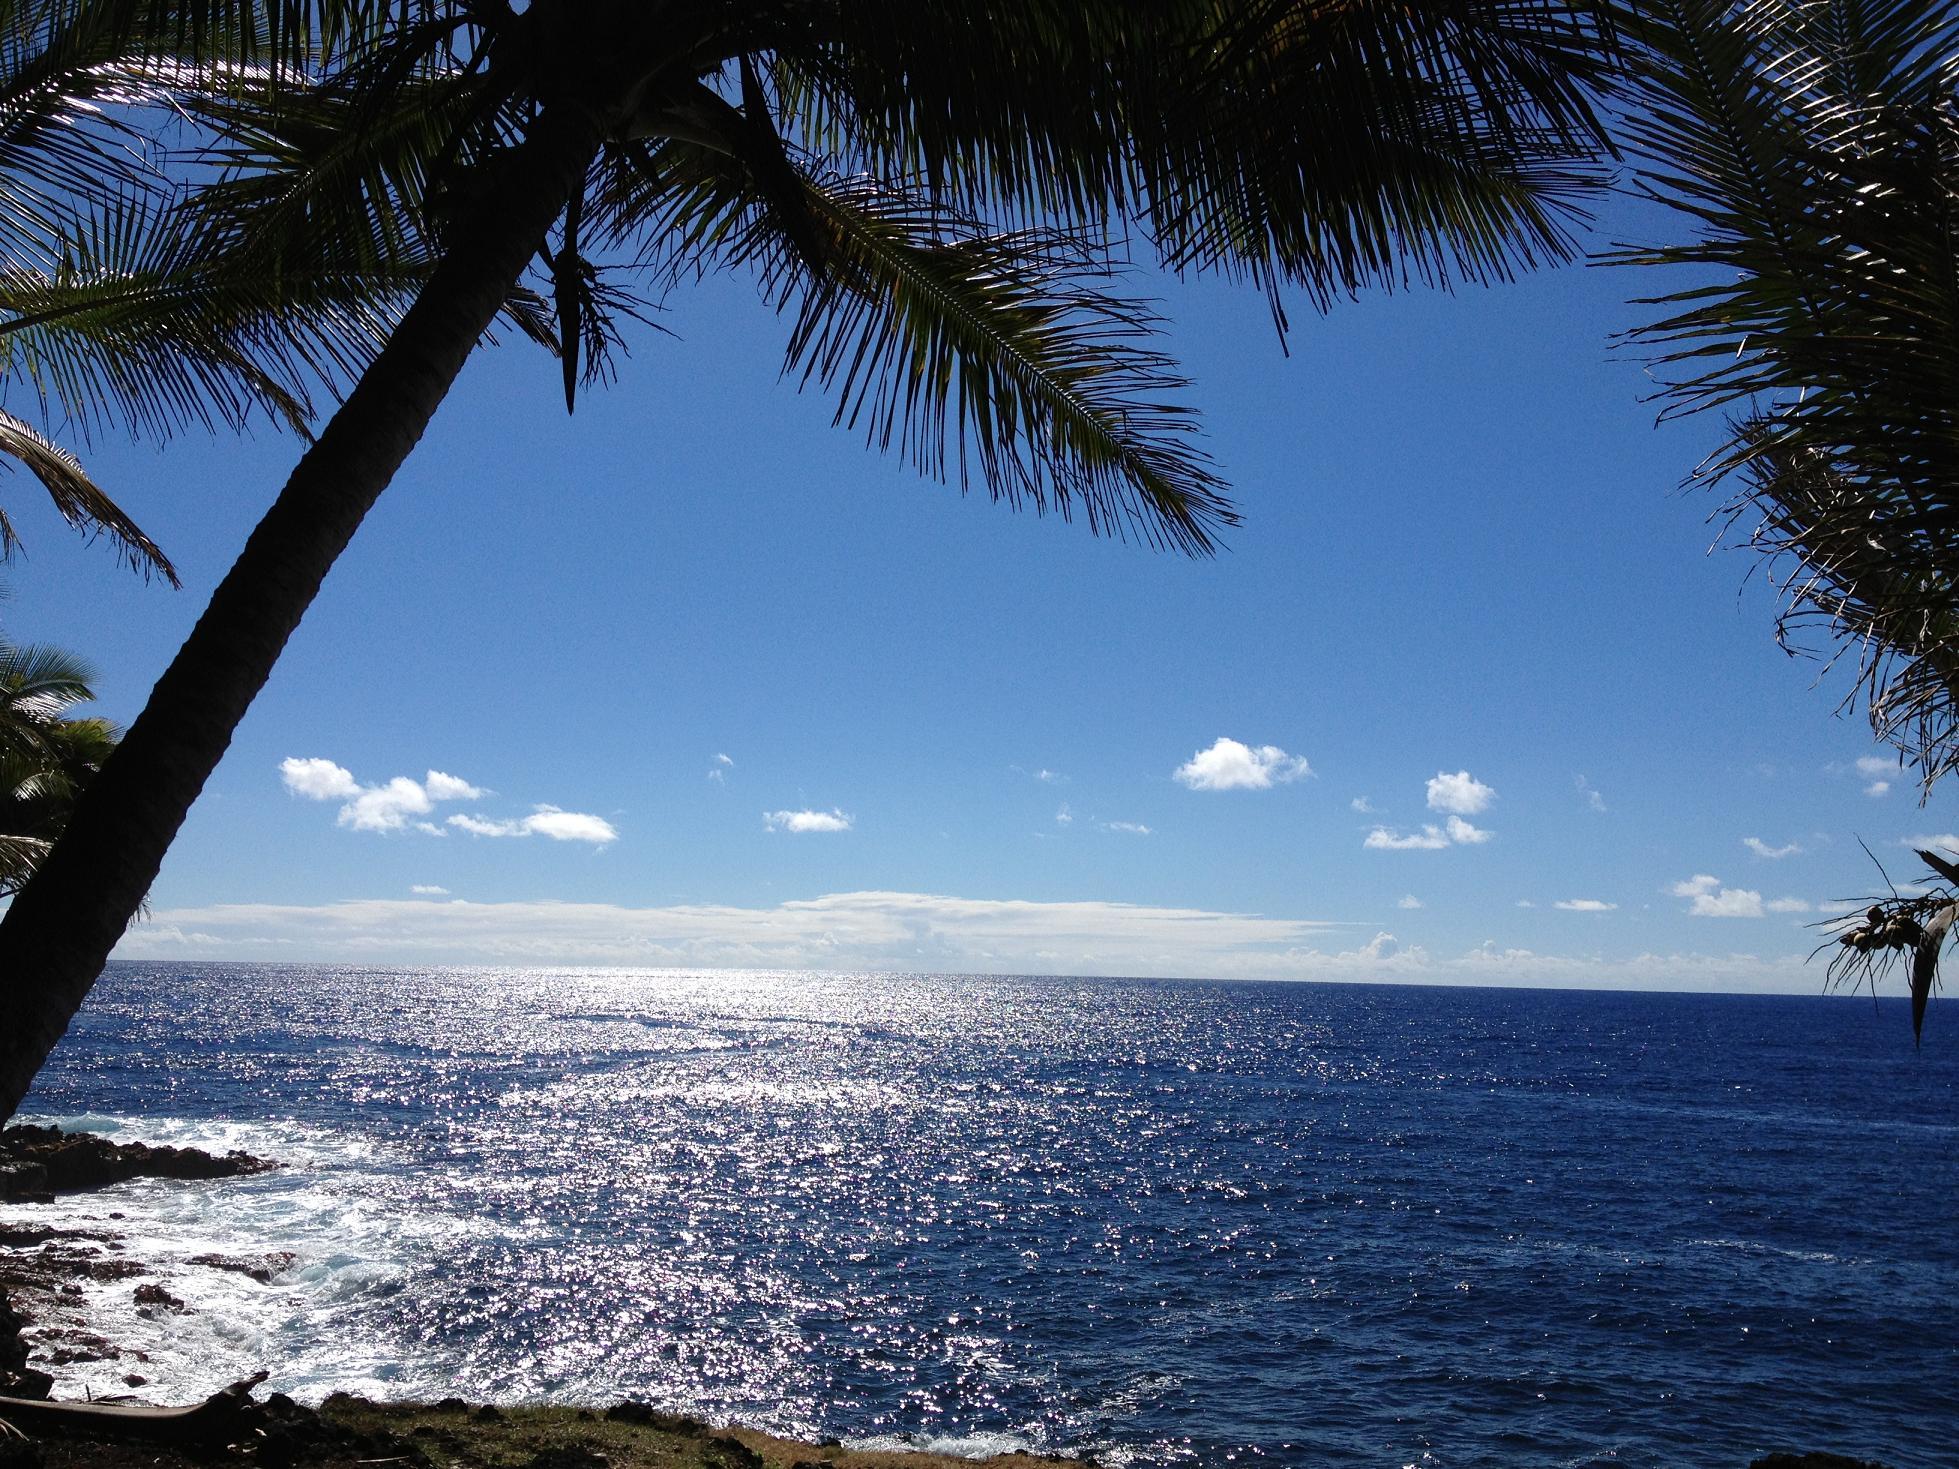 あなたの知らないハワイに出会う!vol.2<br>~マナを増やして幸運を引き寄せよう!~